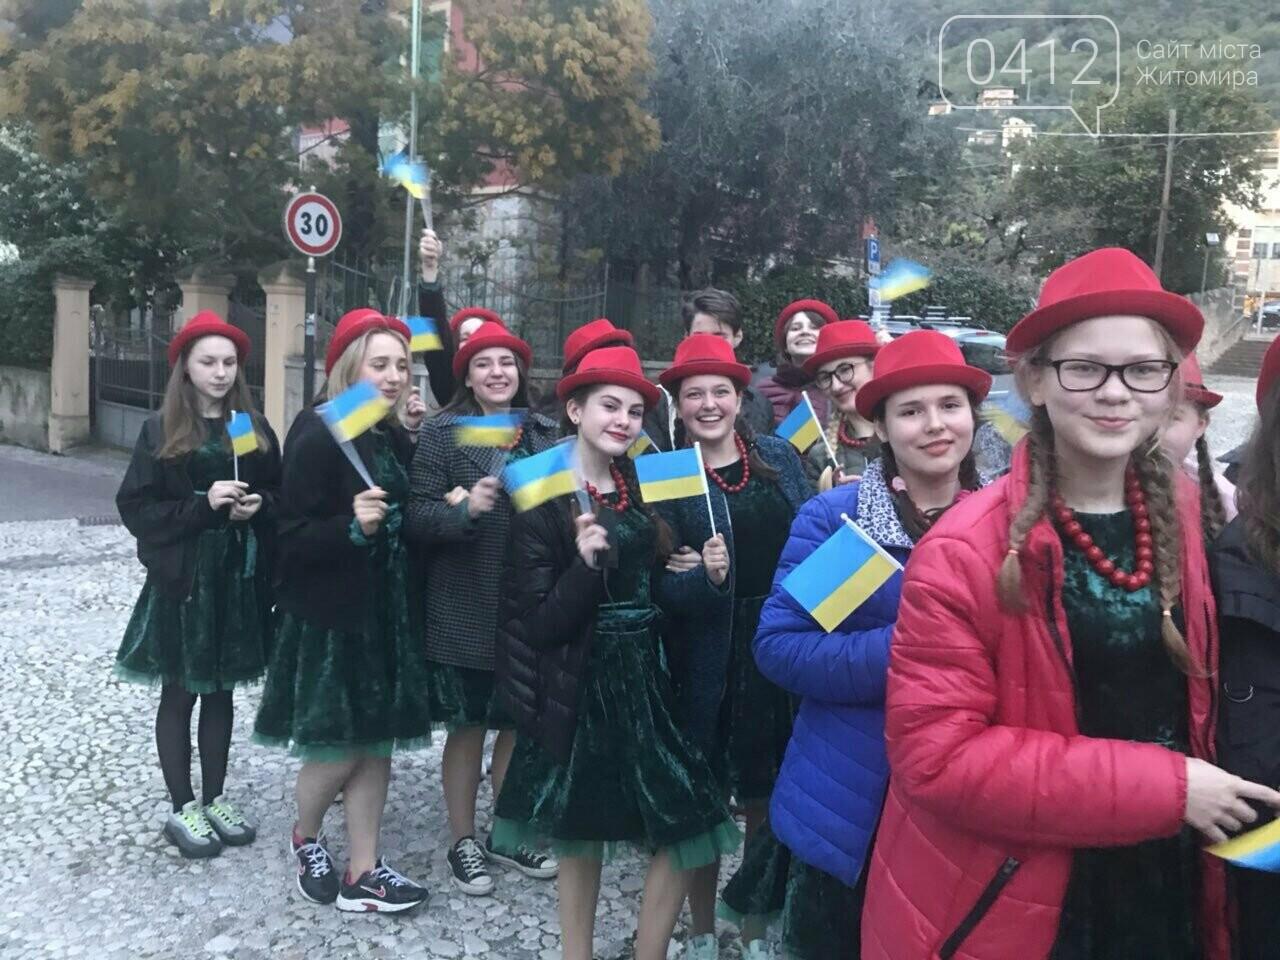 """Житомирський хор """"Gloria"""" привіз із Італії срібні нагороди, диплом та спеціальний приз, фото-3"""